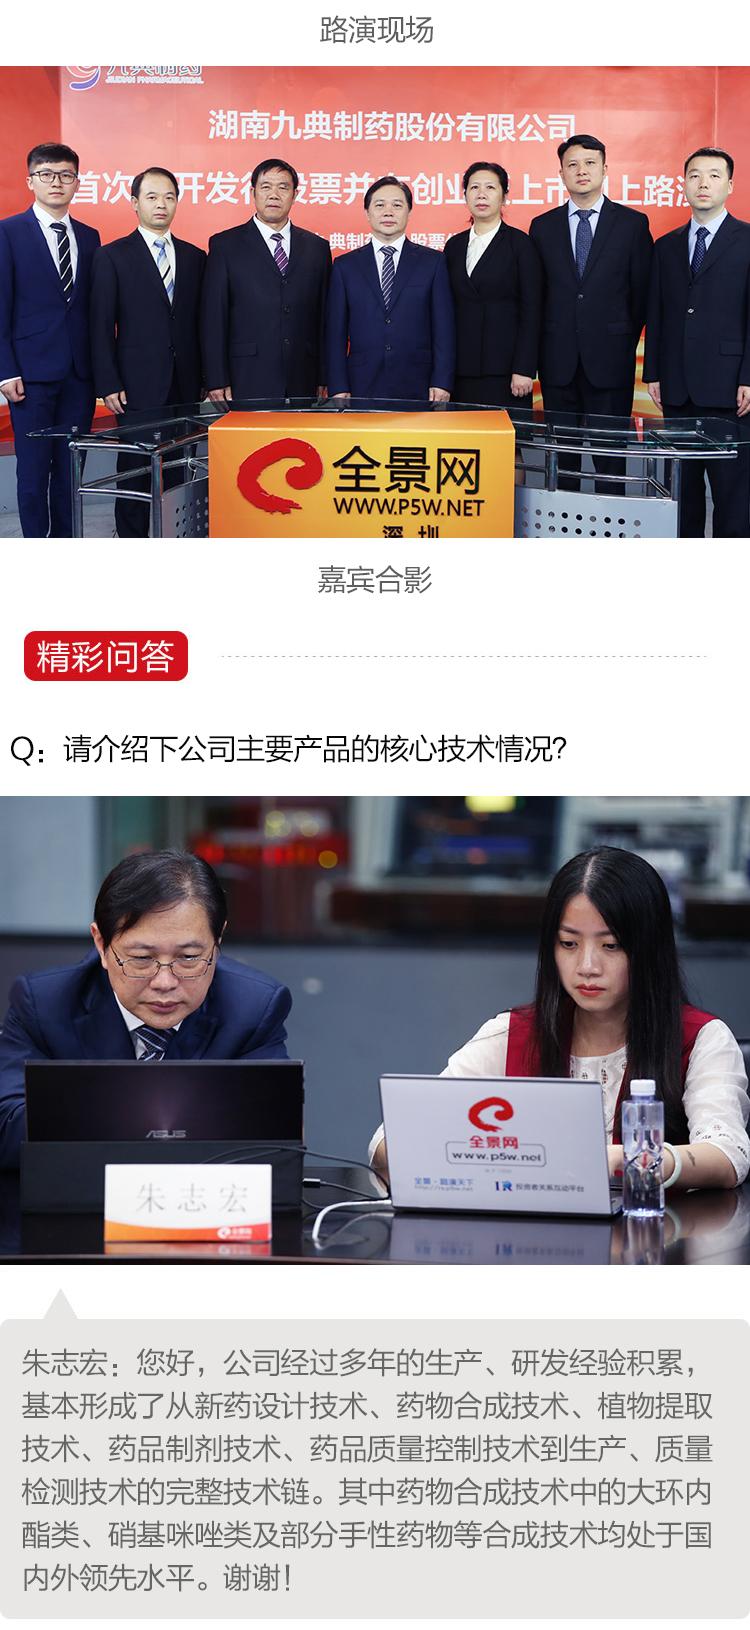 九典药业路演_12.jpg